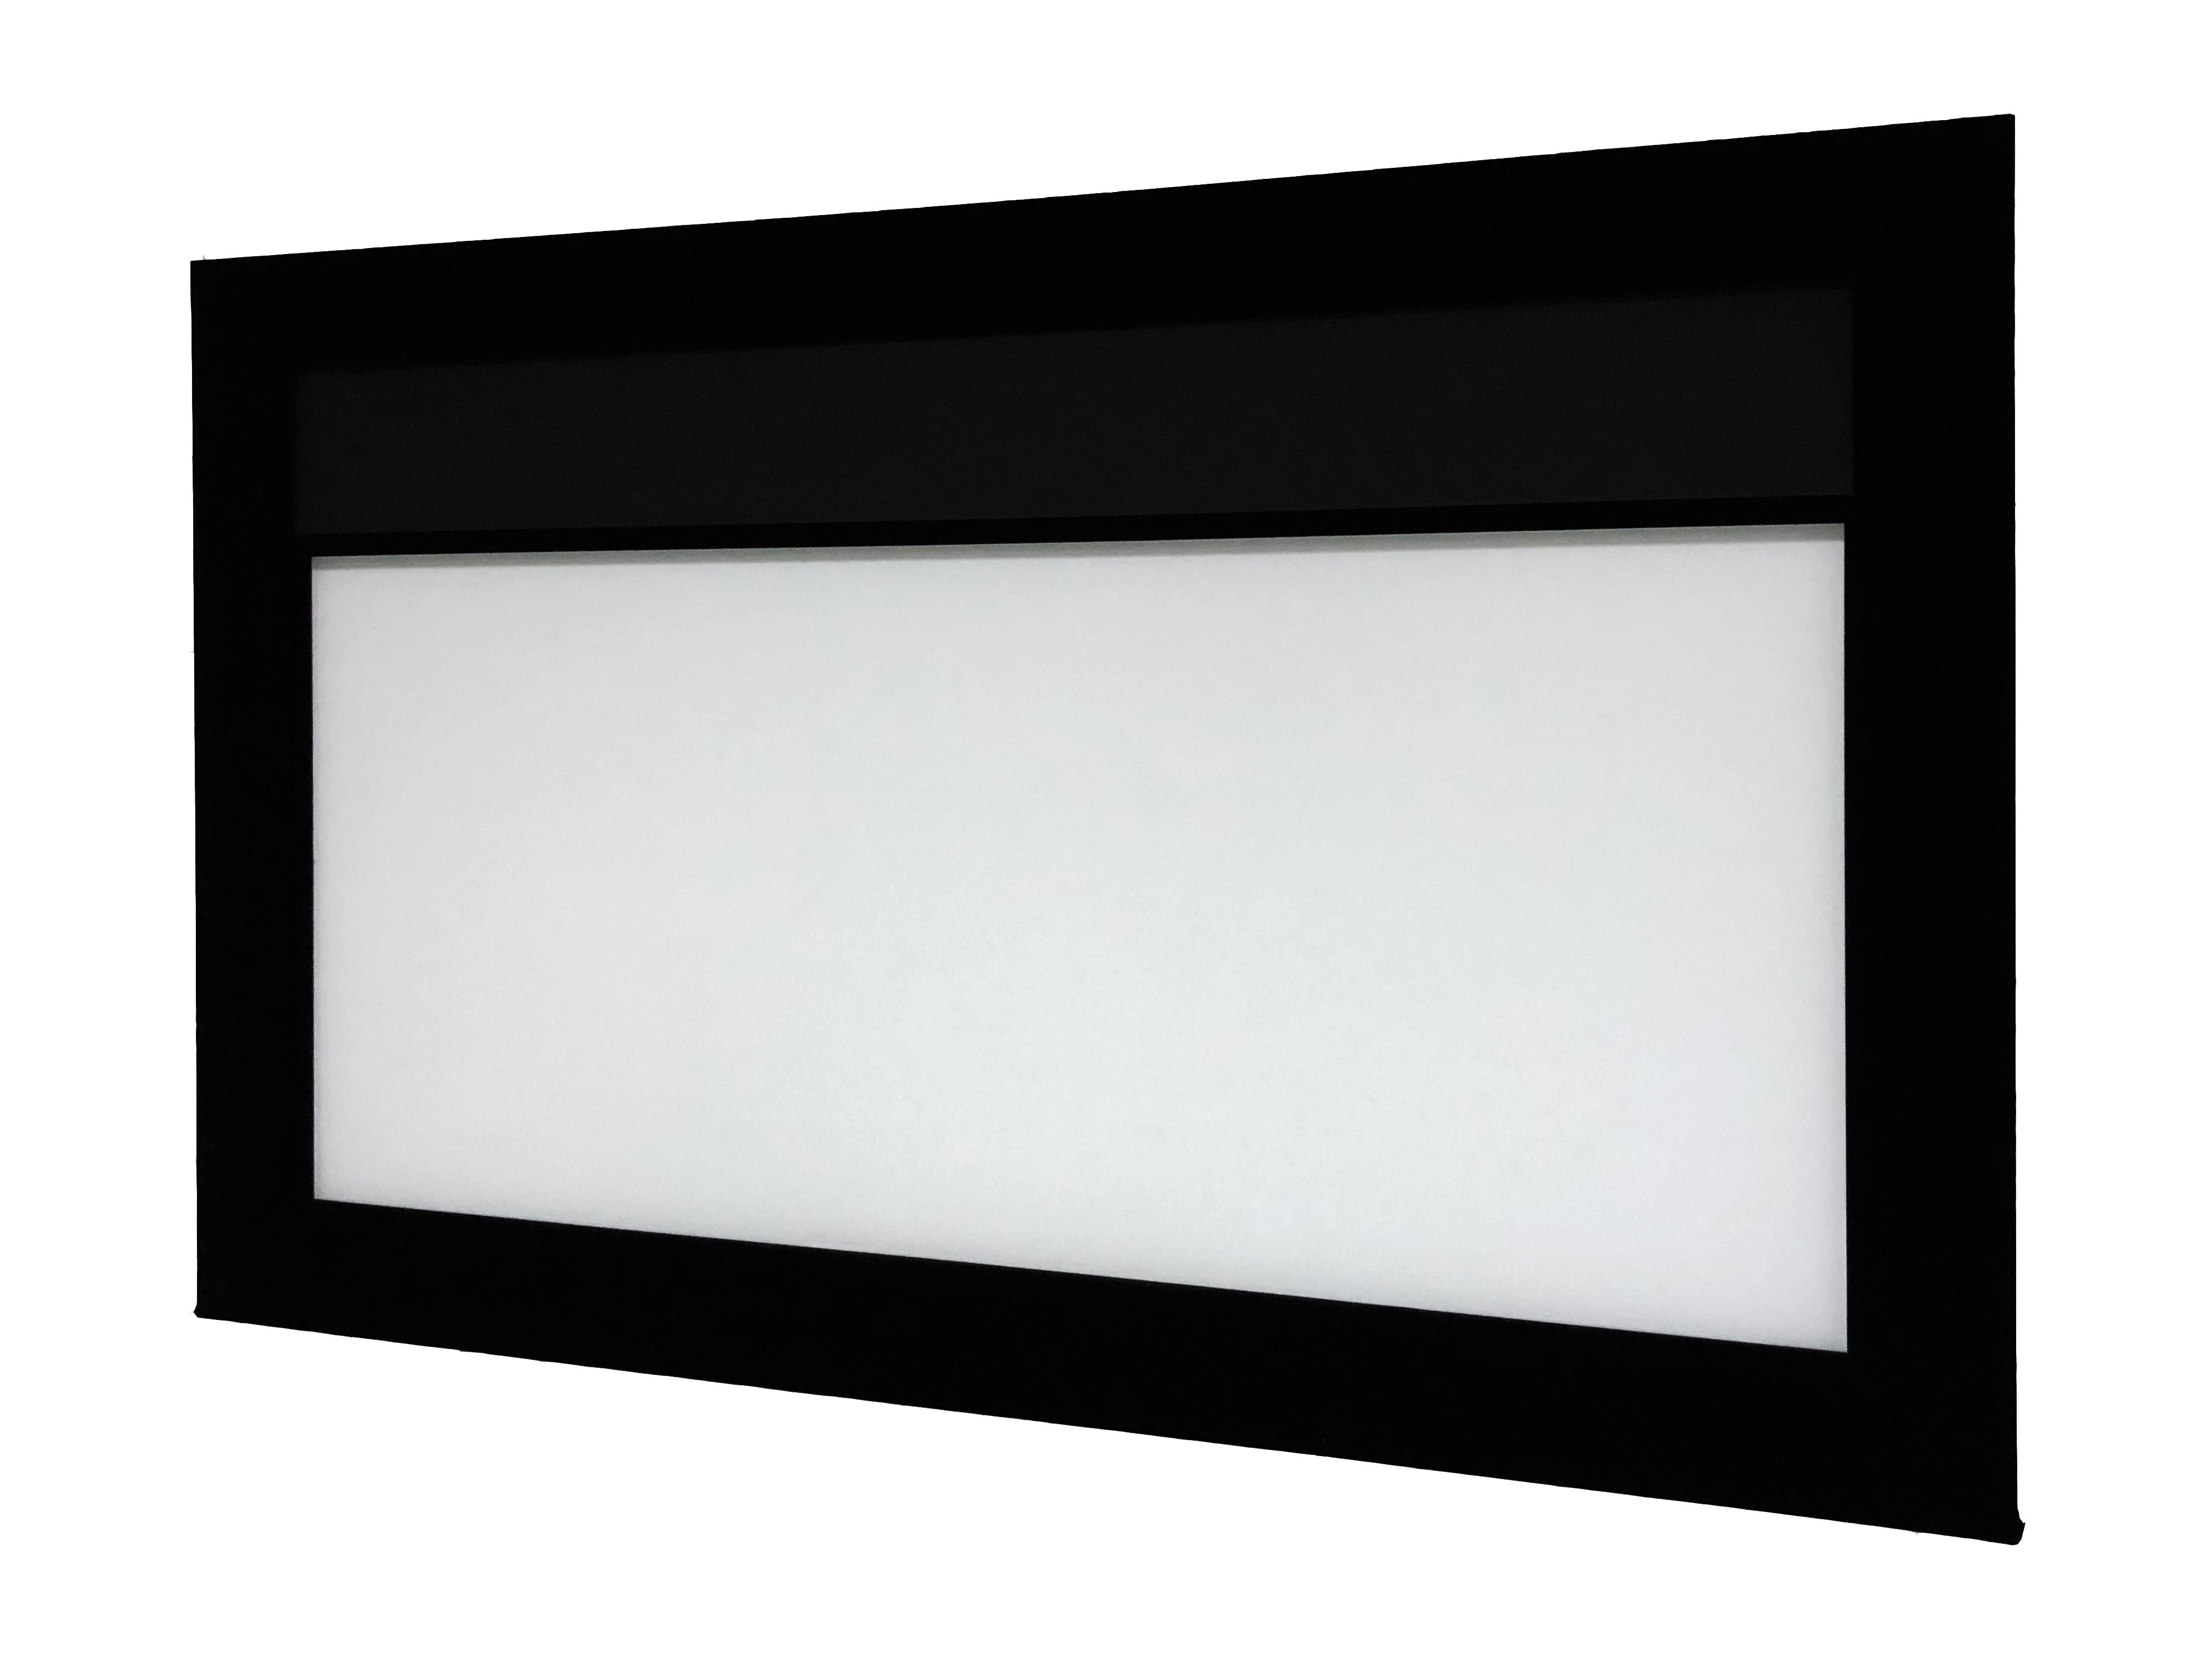 DreamScreen Motomask PRO 16:9 native 109″-212″ pakkedeal konfigurator